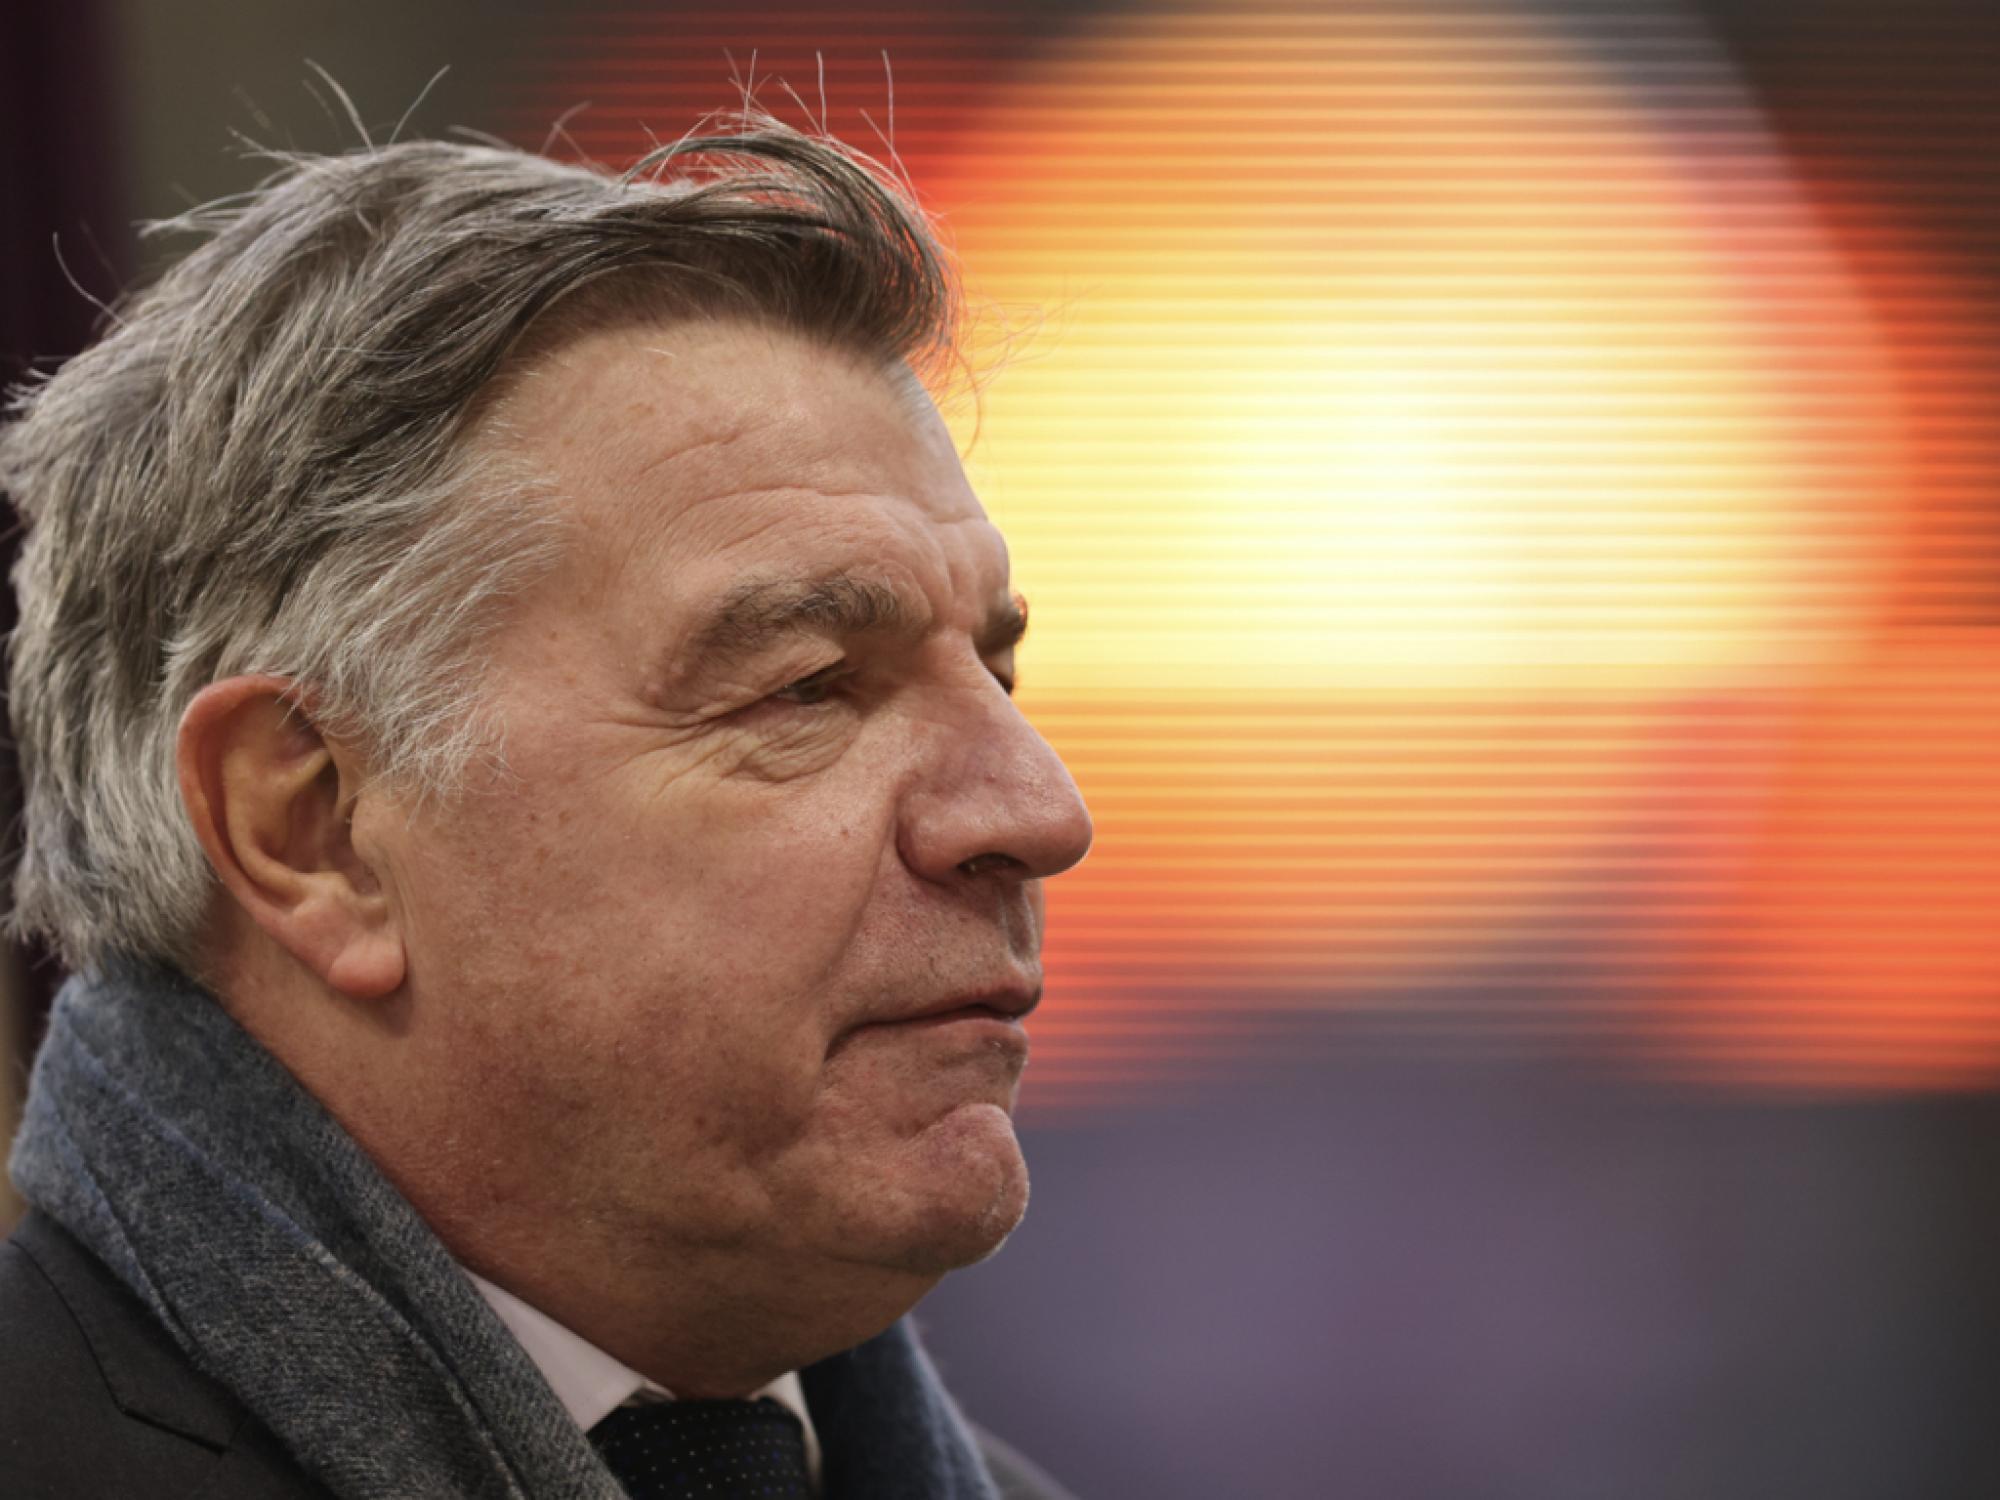 西布朗官方:主教练阿勒代斯将在赛季结束后离任